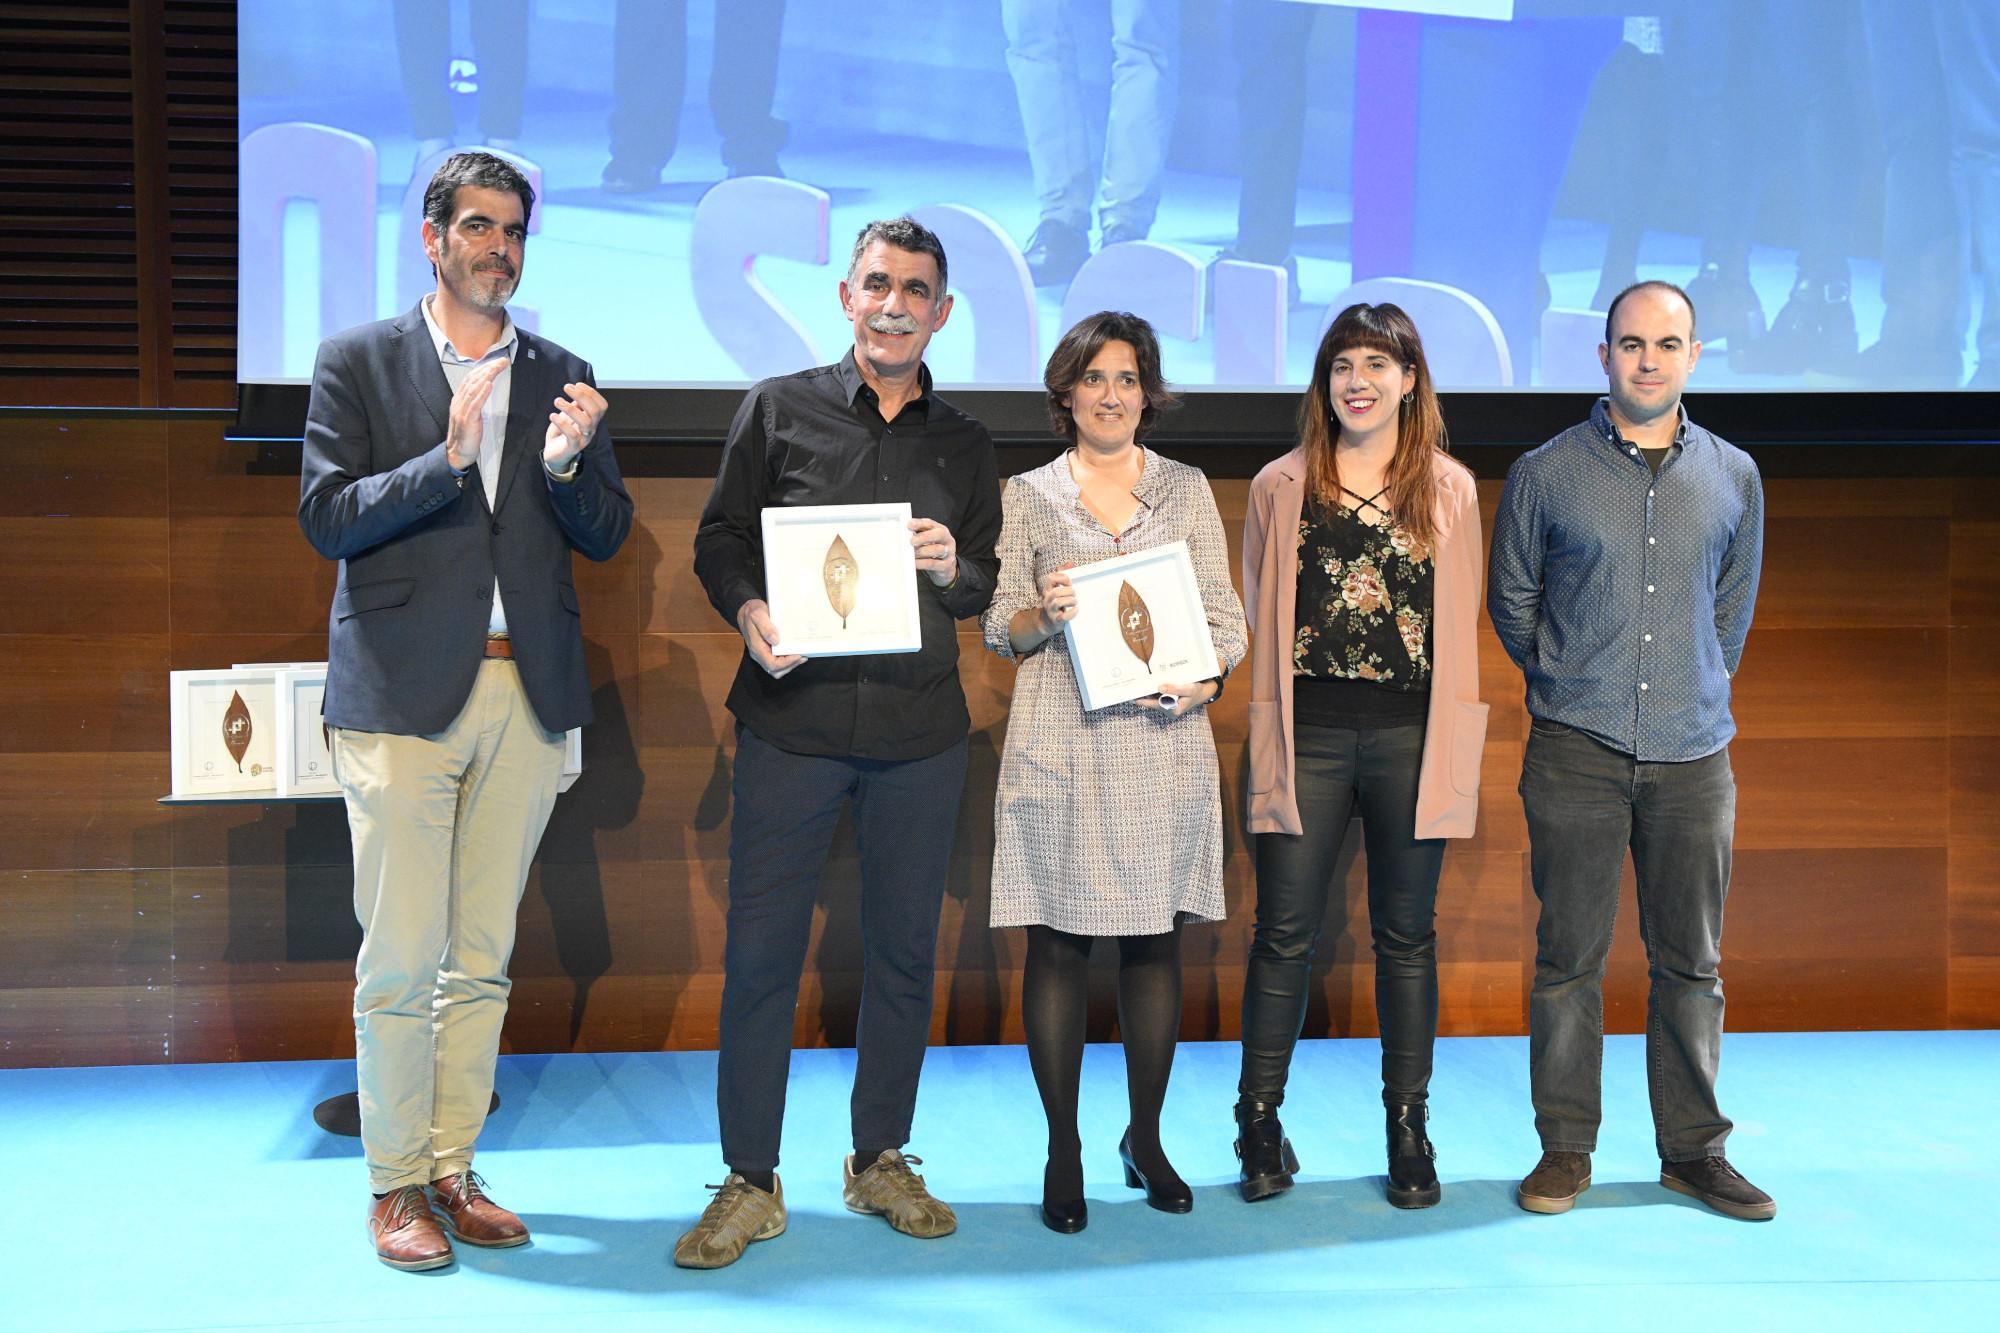 Premio GaituzSport Joxe Mari Agirretxe y Bizipoza